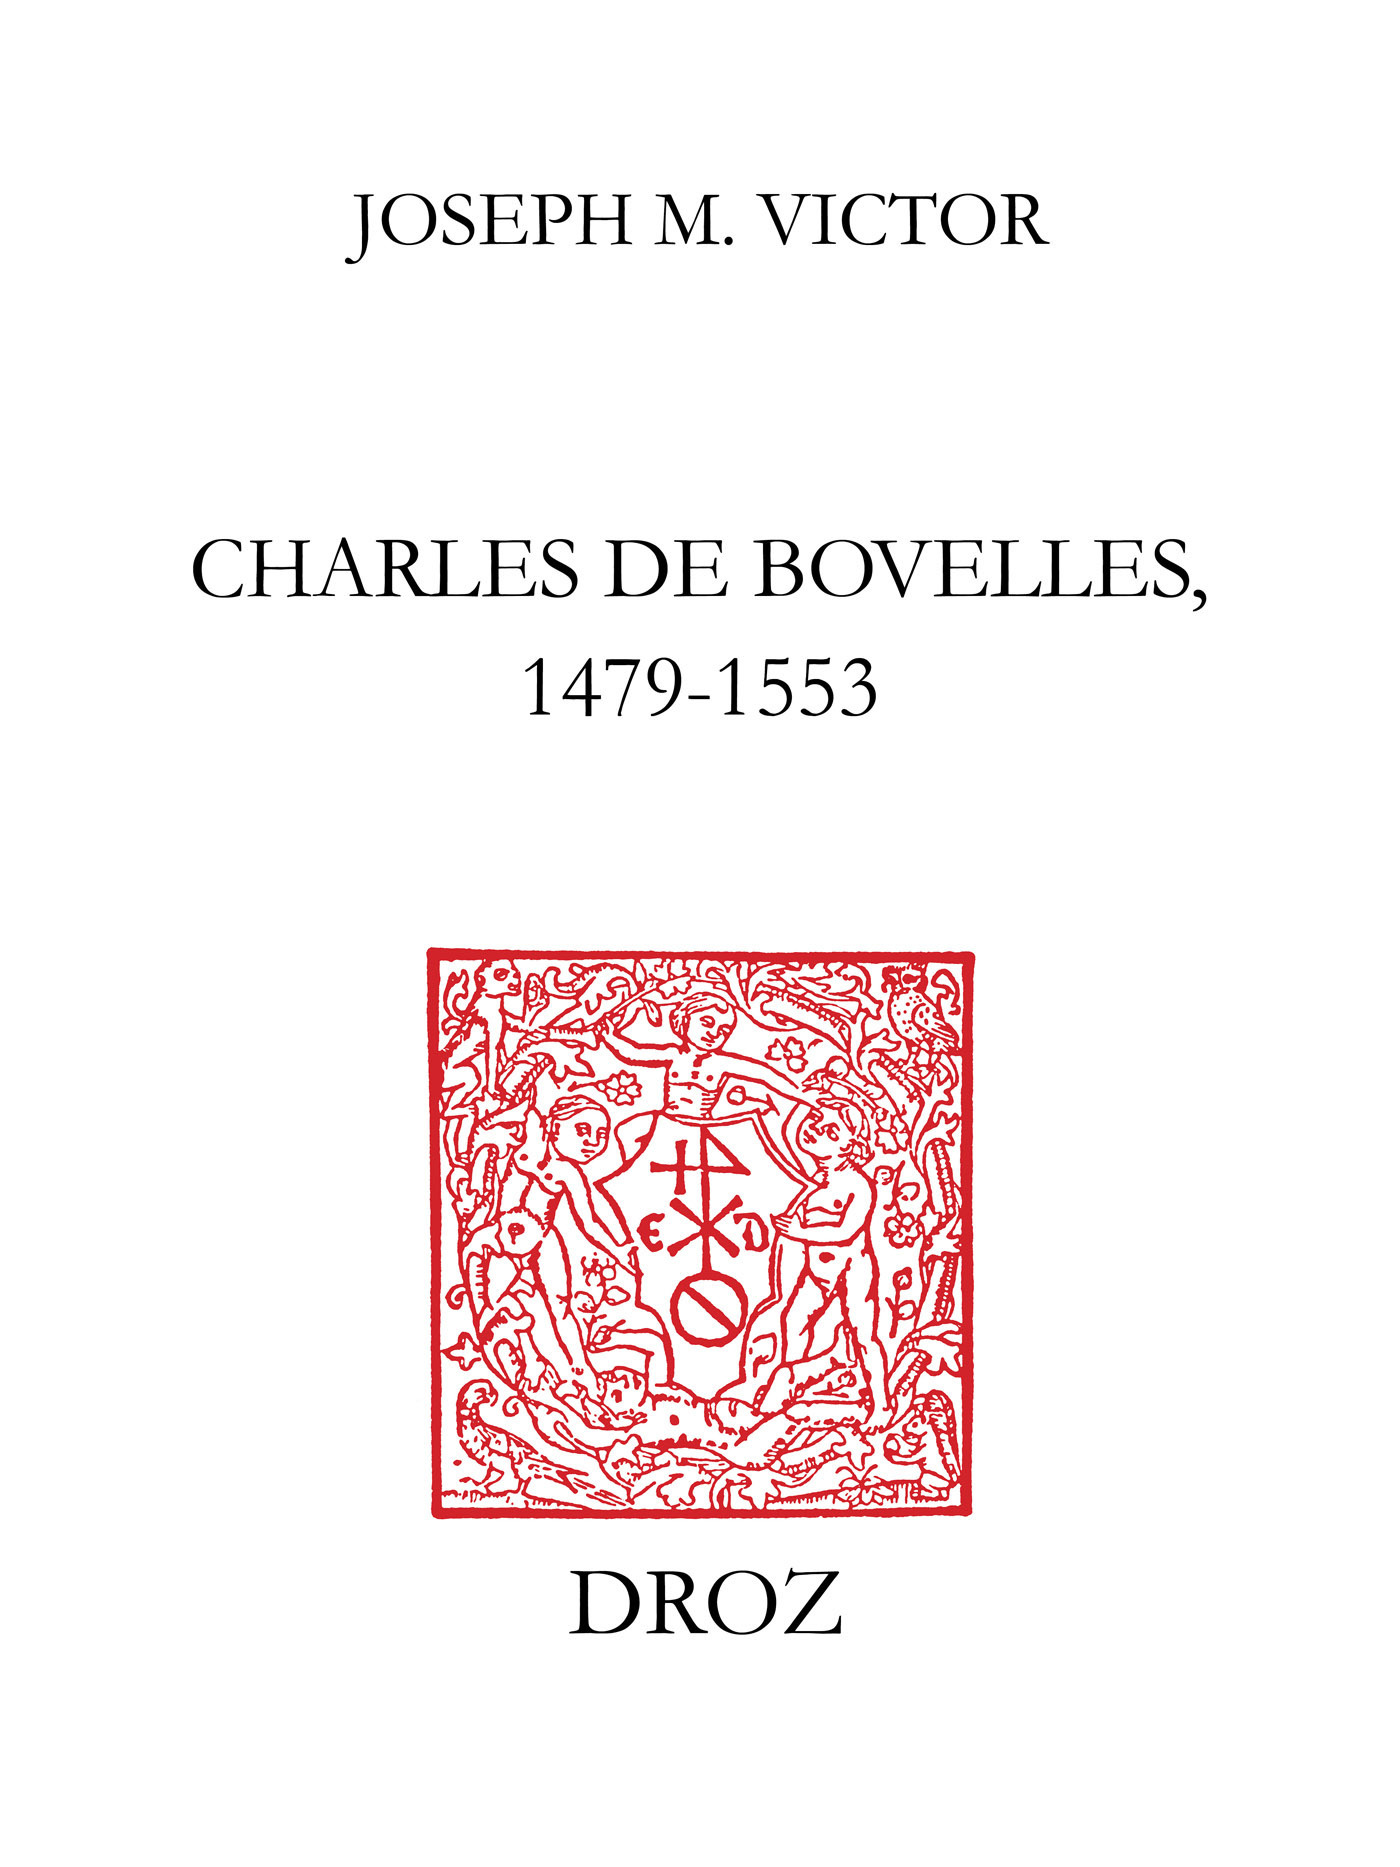 Charles de Bovelles, 1479-1553  - Joseph M. Victor